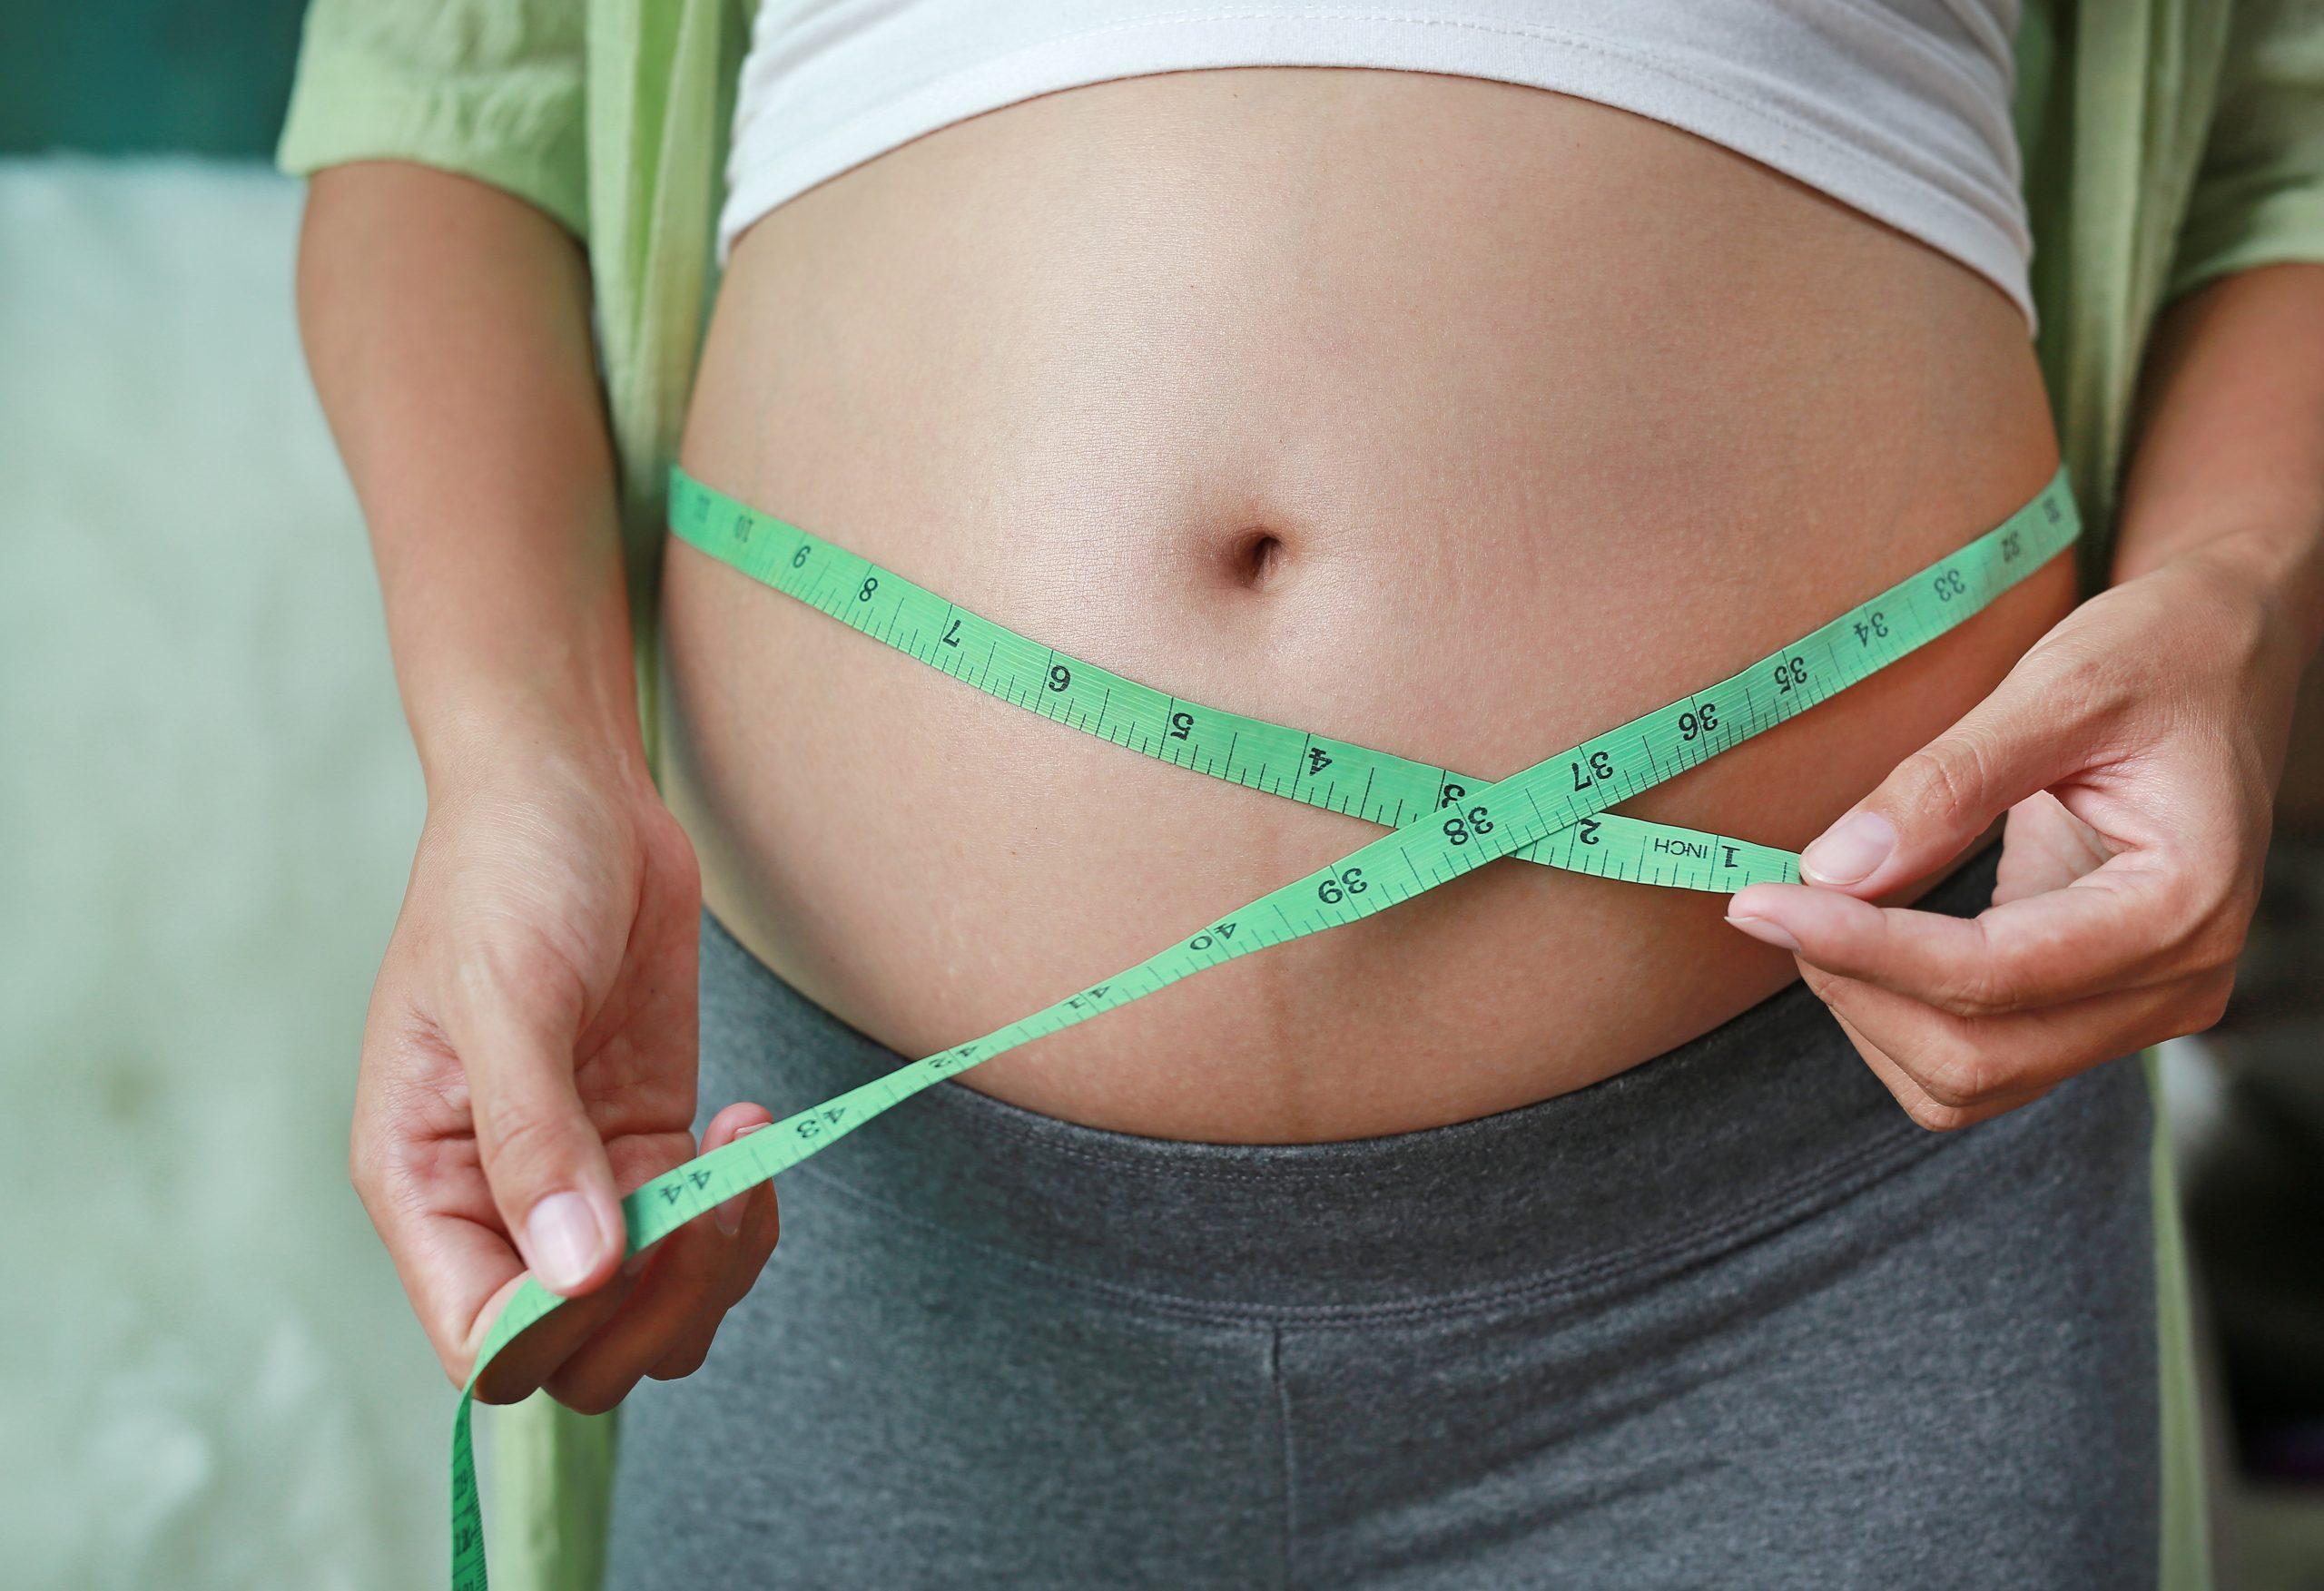 kobieta mierzy brzuch